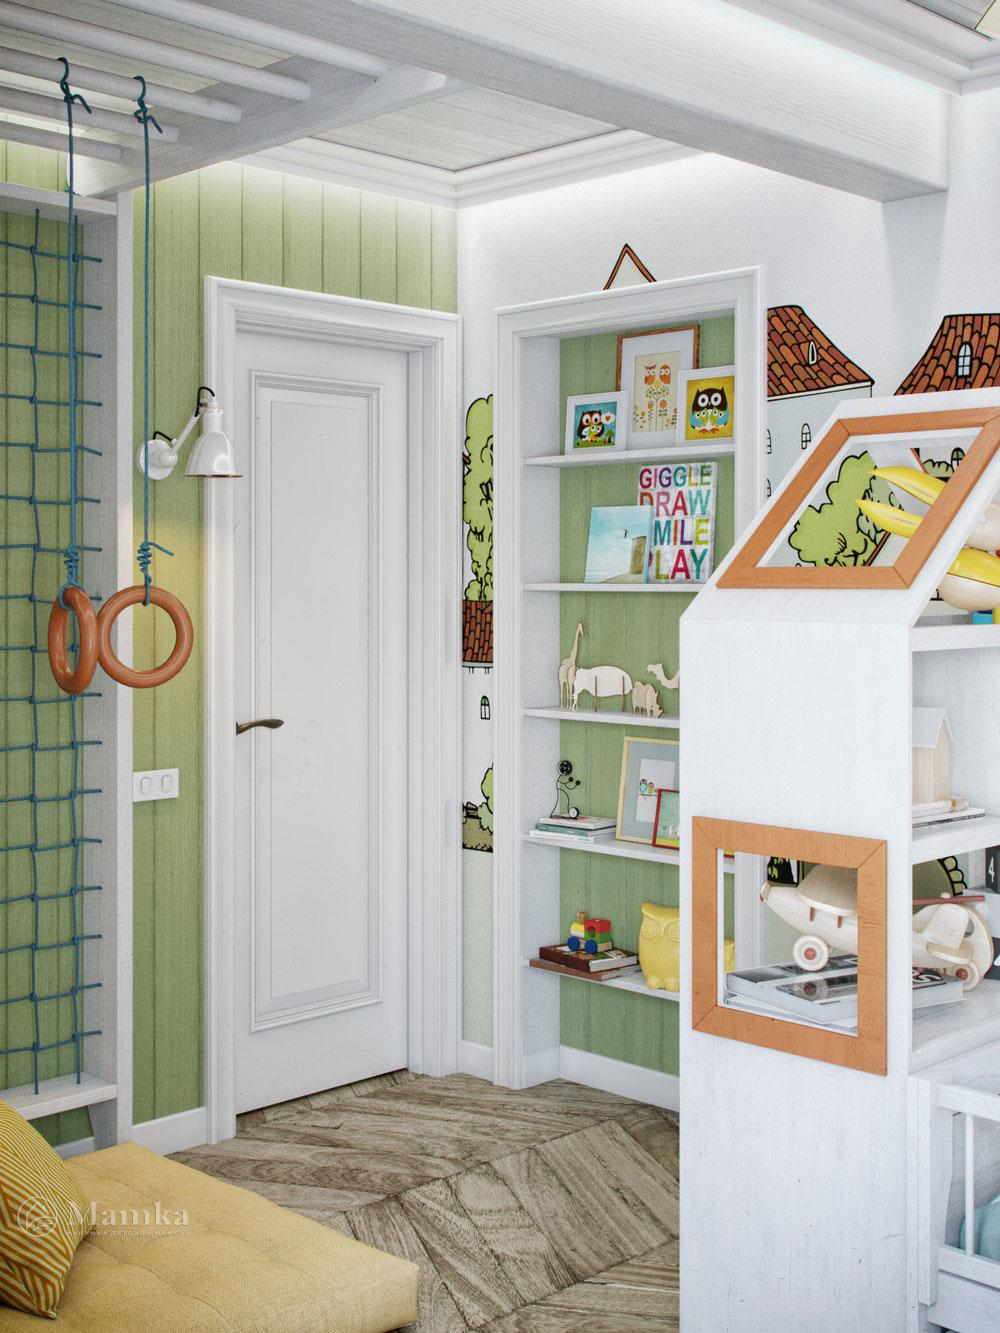 Интерьер детской комнаты для мальчика с дизайнерским оформлением